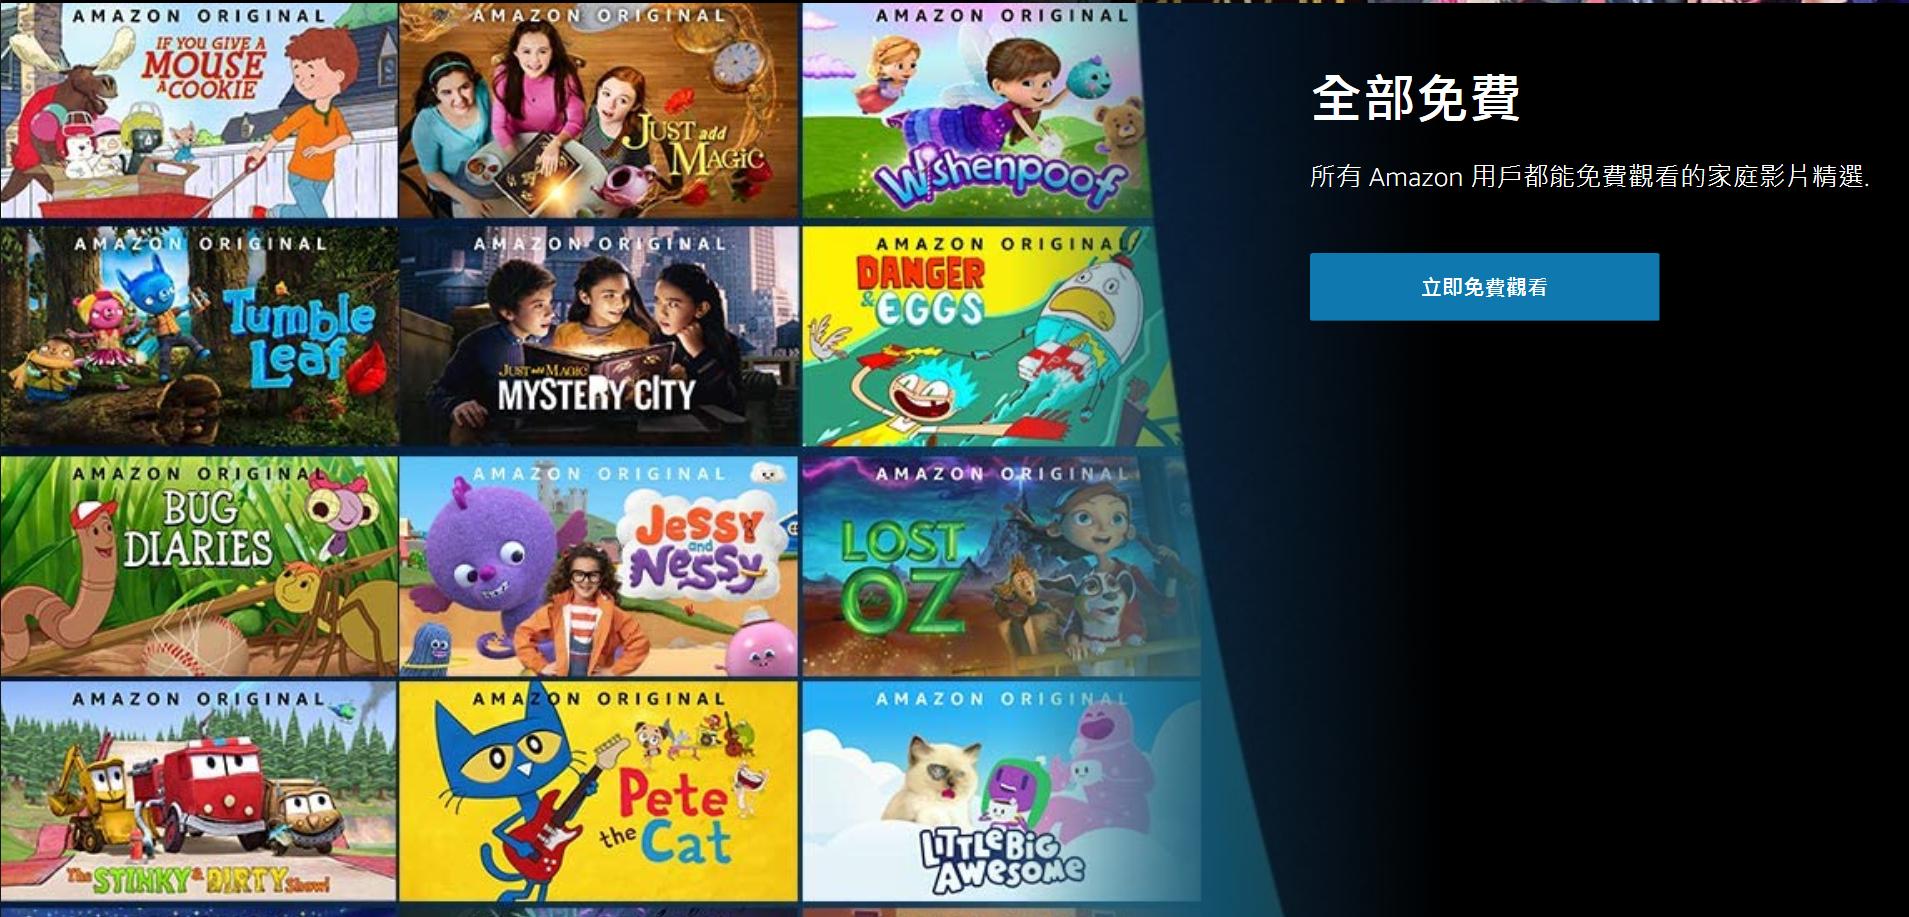 亞馬遜免費家庭兒童片單:推薦給小孩看這5部Amazon Prime Video影片